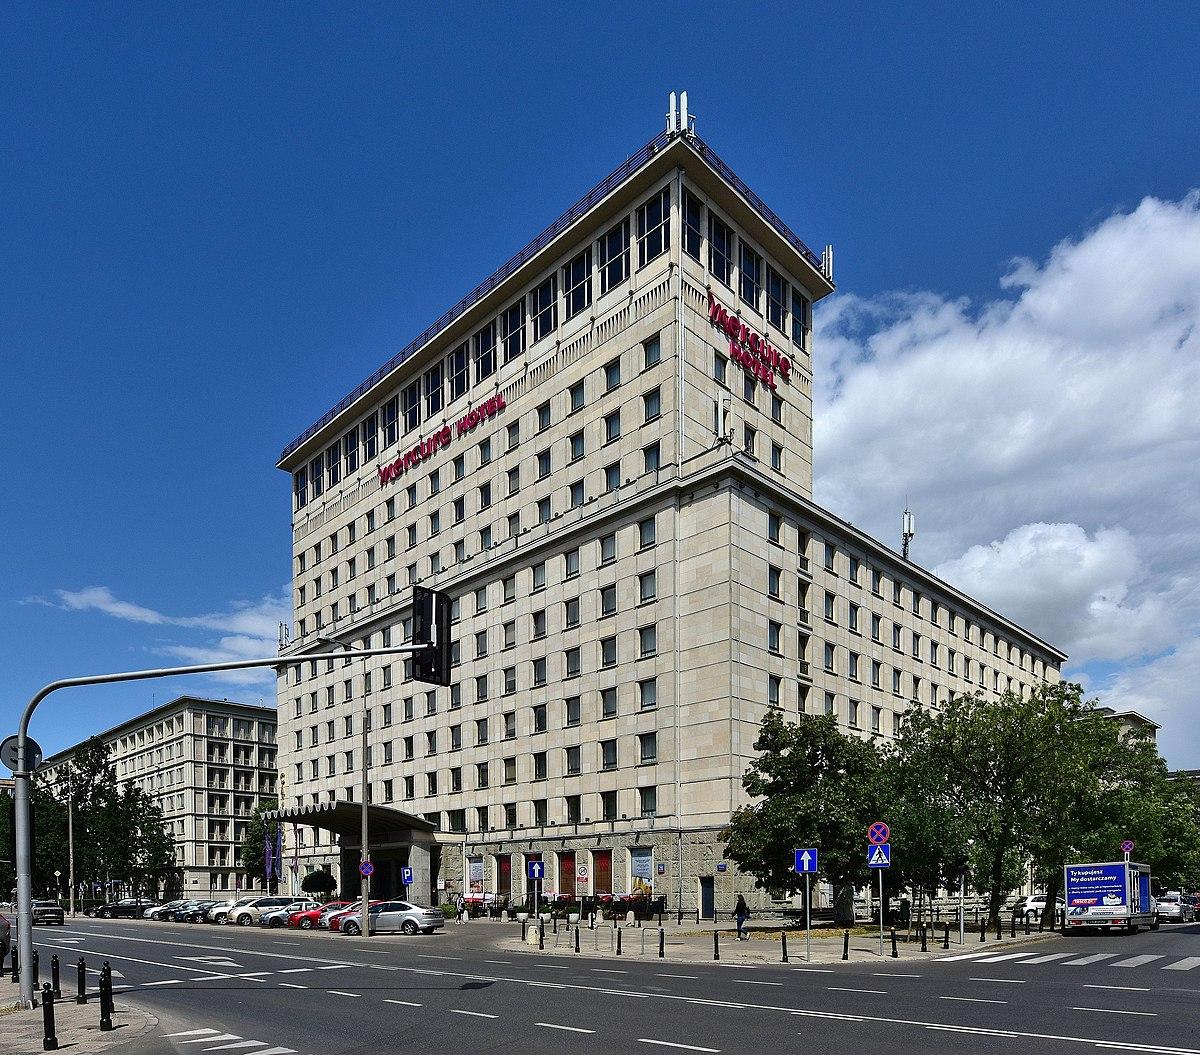 Ͽ���������� Ͽ������������ Ͽ���������� Ͽ���������� Ͽ�� Ͽ���������� Ͽ������������: Mercure Grand Hotel W Warszawie